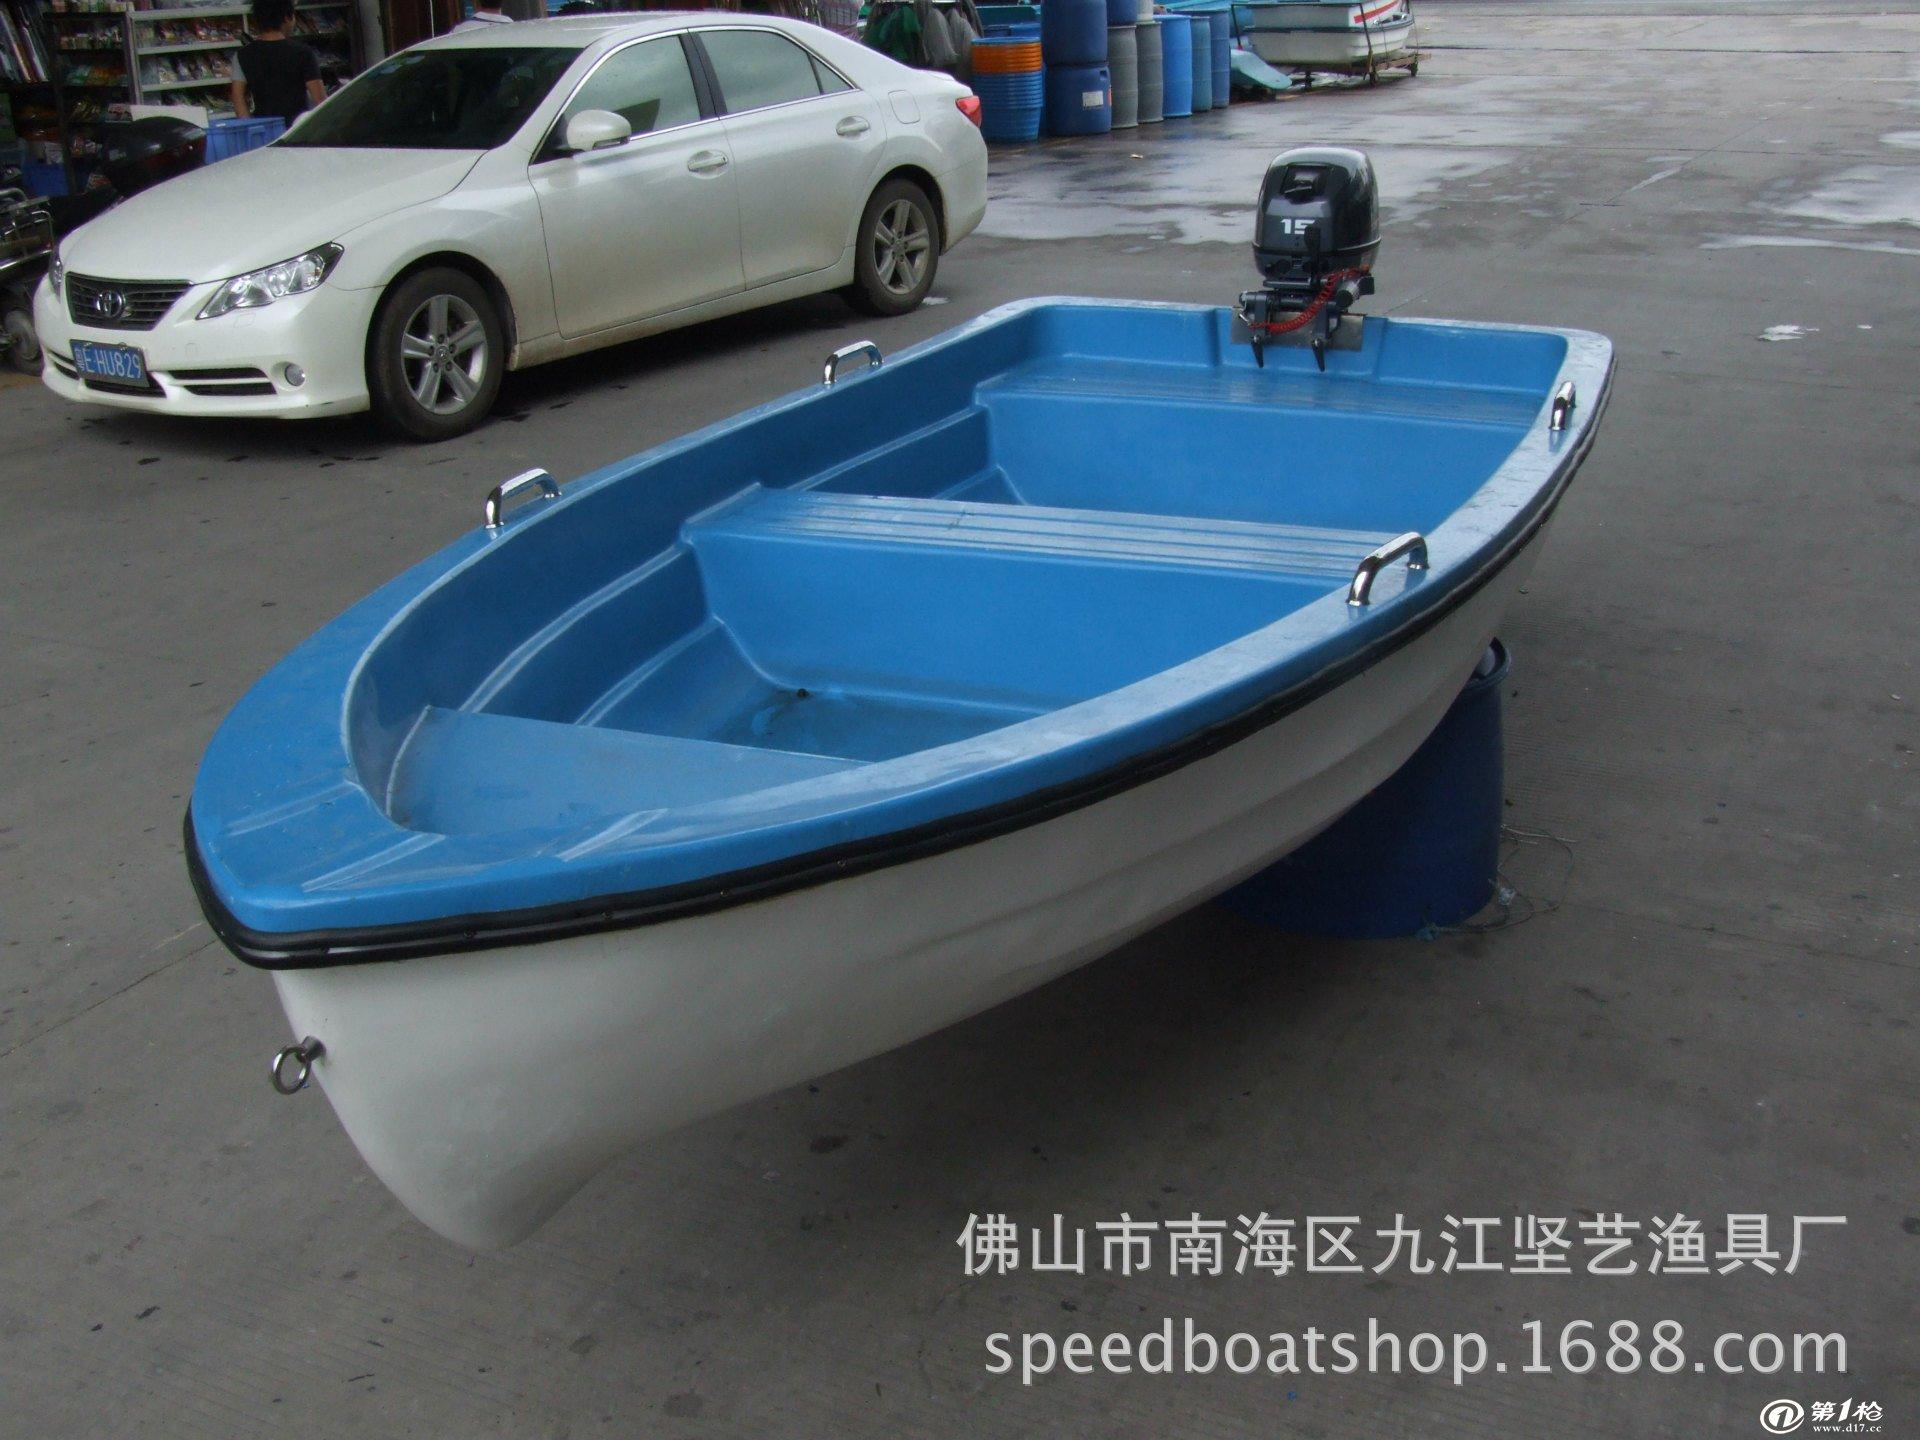 产品名称:3.6米玻璃钢船 规格:3.6米长X1.5米宽X0.45米高 材料:采用优质玻璃钢材料制造,船身光滑美观 载人:6人 用途:游玩.鱼塘养殖.鱼塘消毒 载重:2000斤左右 船身净重:250斤左右 纯玻璃钢渔船:原树脂材料制作,不混入任何杂质,耐腐蚀,耐撞,使用寿命长。    购买须知 运费说明:船只发物流,货到市区或县城自提,因每个城市运费相差很远,所以运费只能根据实际情况收取,多除少补不收多客人一分钱。实际运费请联系客服。非诚勿忧 货物规格定做 纯玻璃钢渔船:纯玻璃钢渔船是有相应的模具才